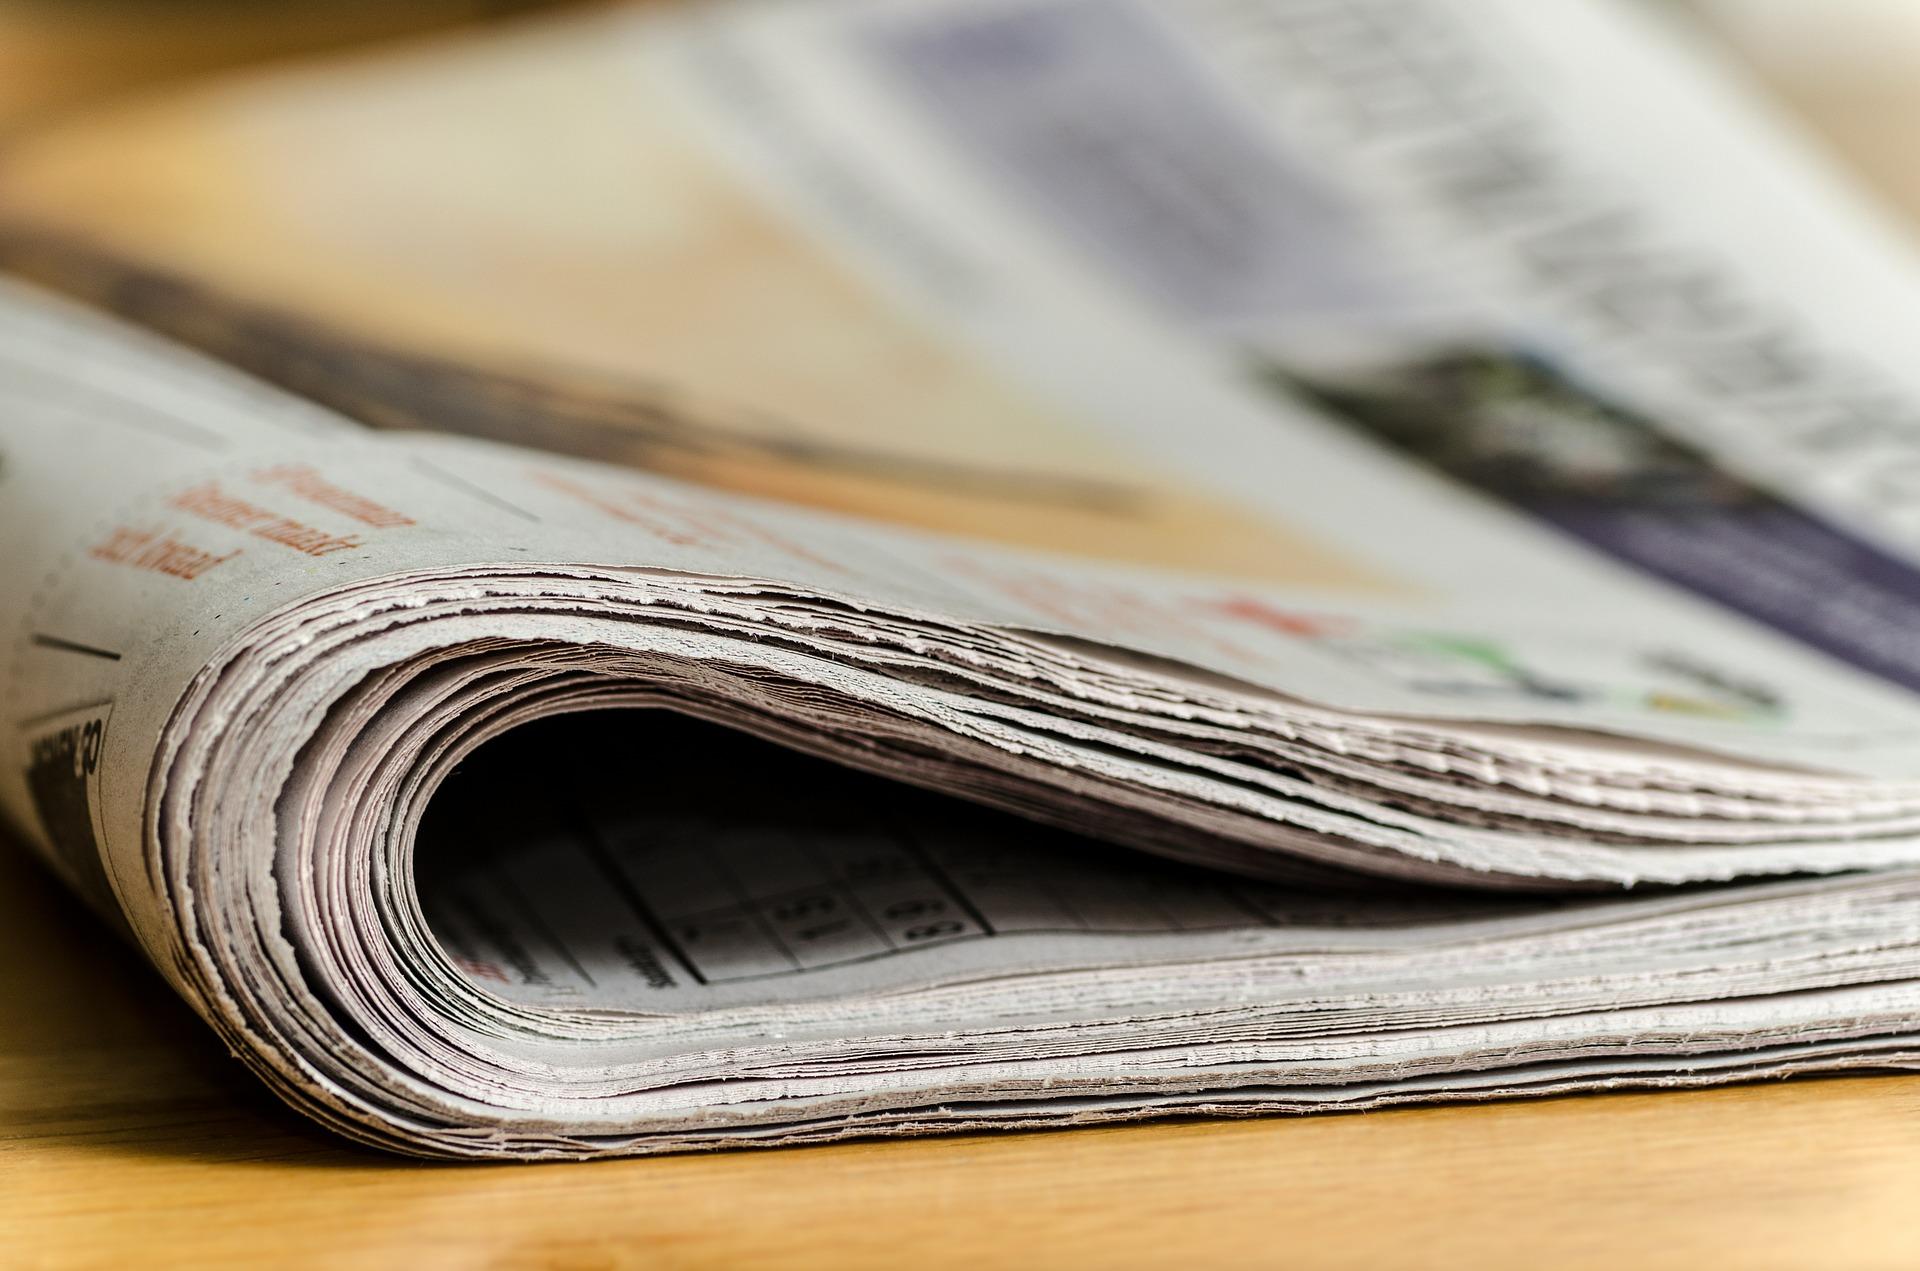 Taitettu sanomalehti